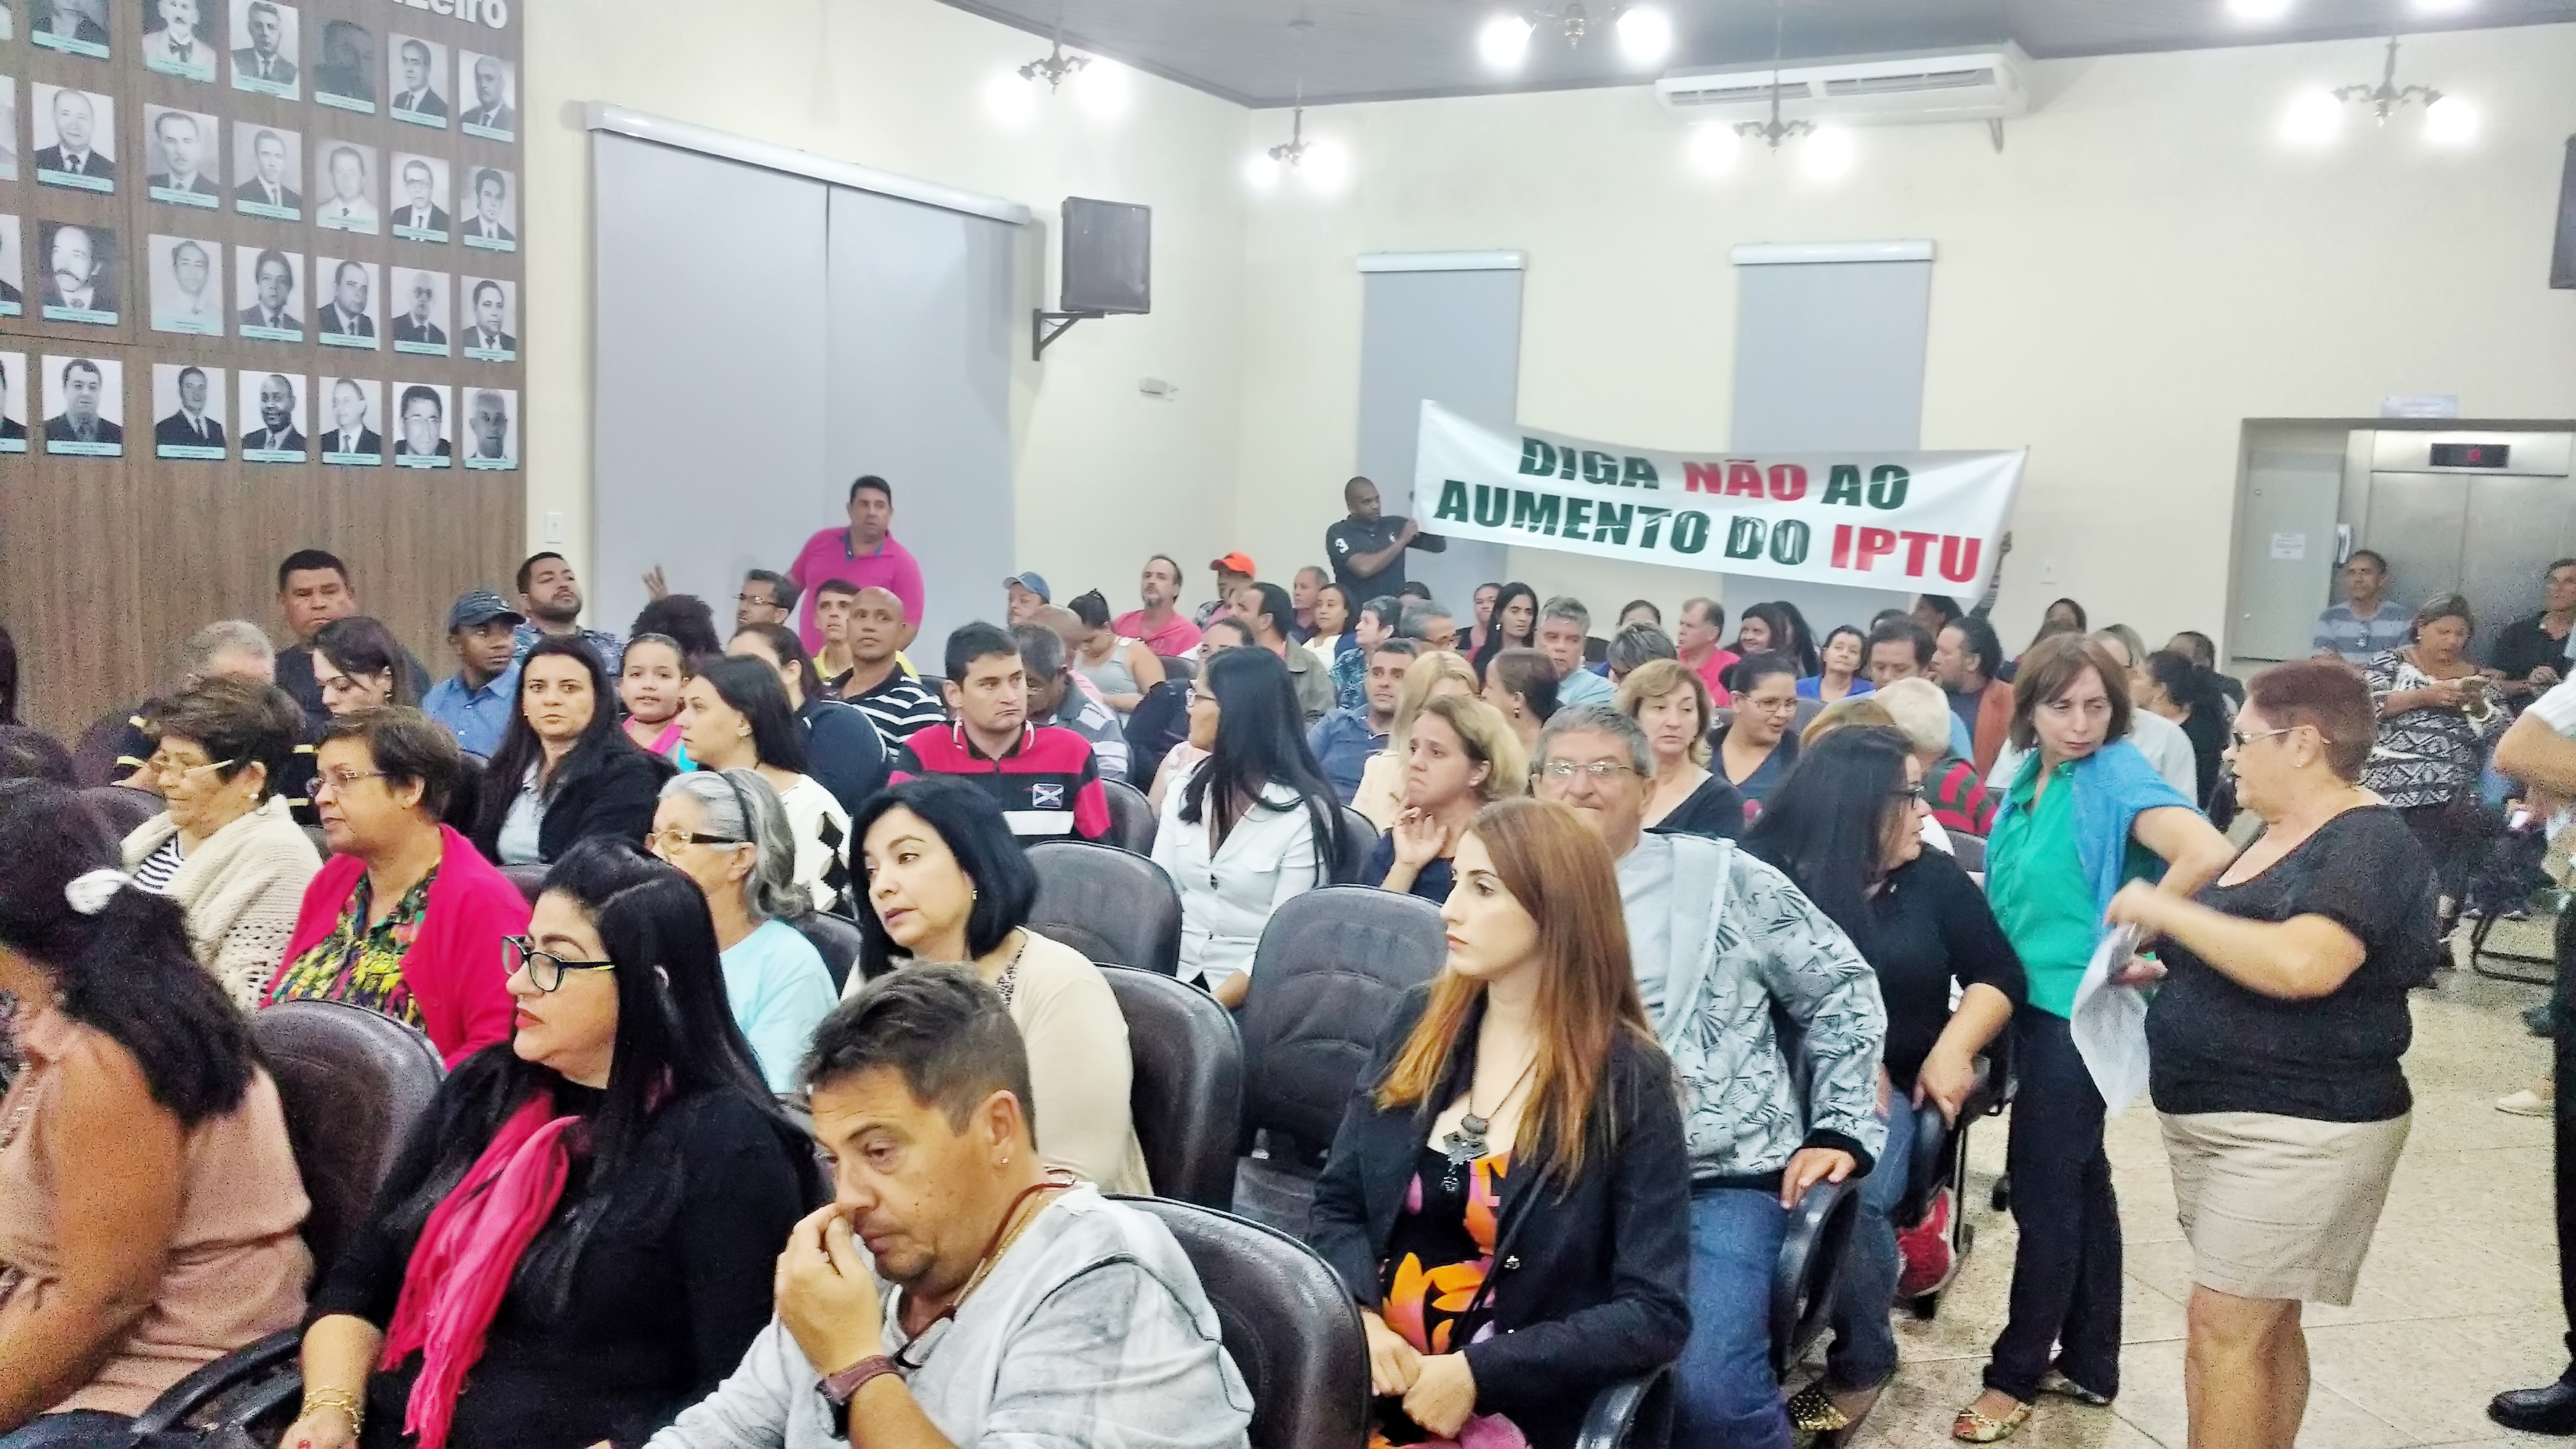 Moradores de Cruzeiro vão à Câmara protestar contra reajuste do IPTU; movimento cobra apoio na Casa (Foto: Rafael Rodrigues)